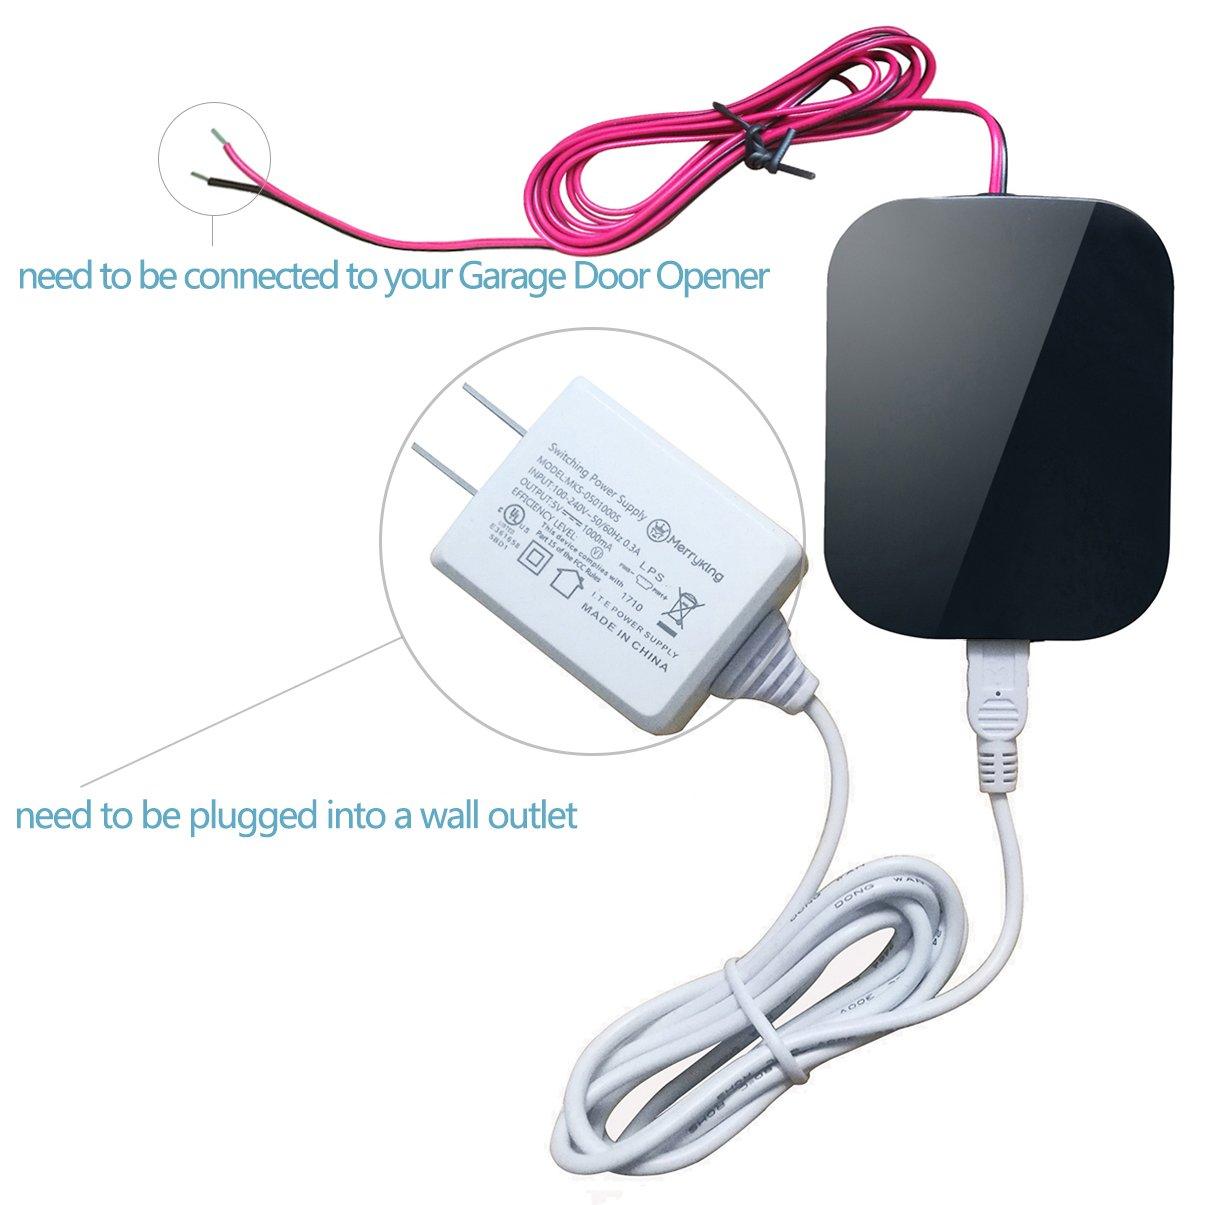 DATONTEN Smart Garage Door Opener Bluetooth Garage Door Remote, Open and Close Garage Doors from a Smartphone RFQ